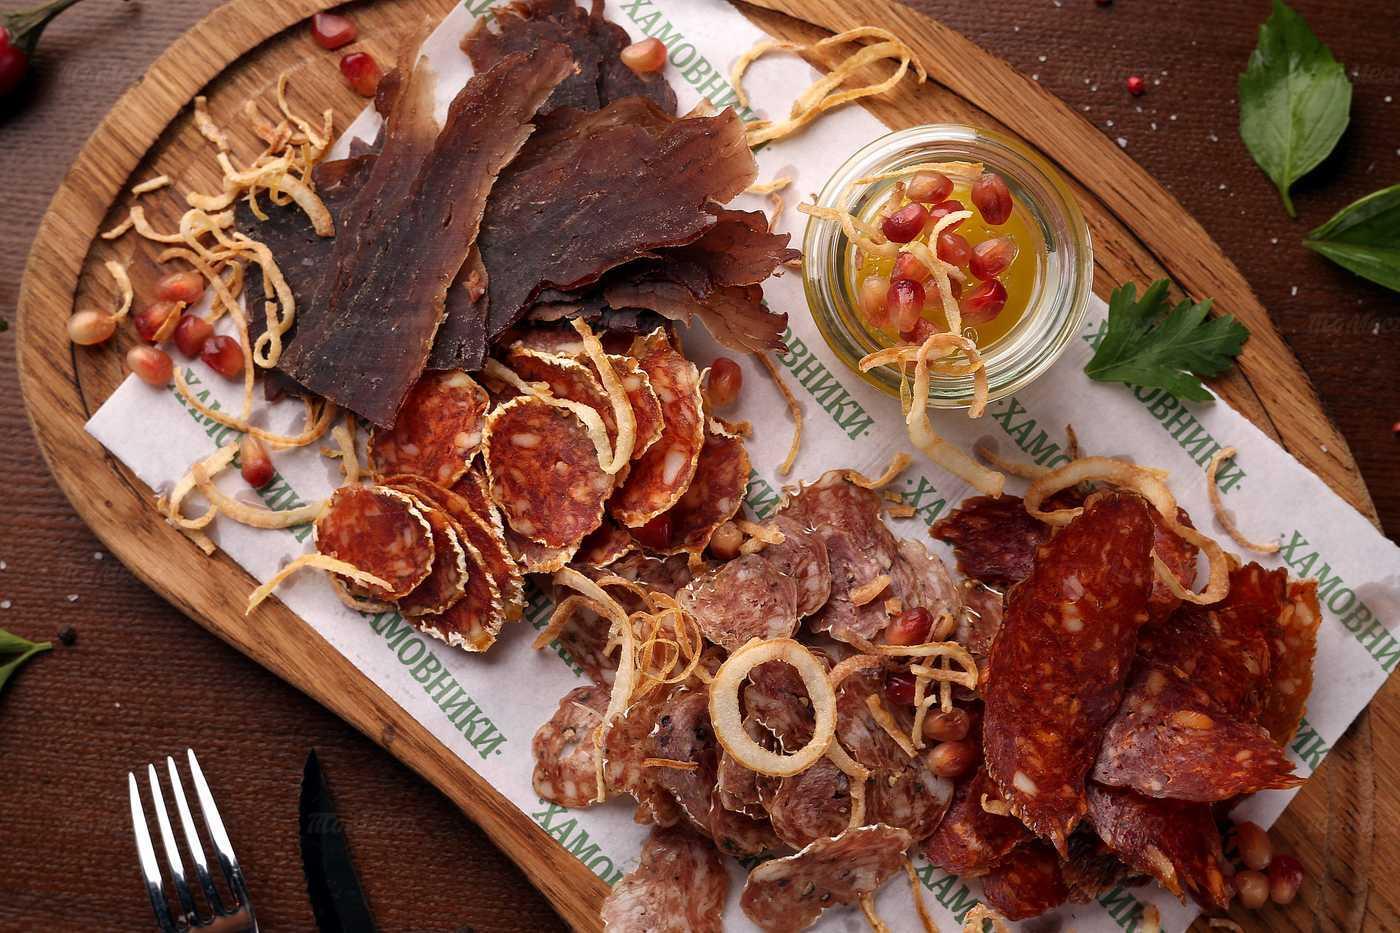 Меню ресторана Хамовники на улице Военной фото 66